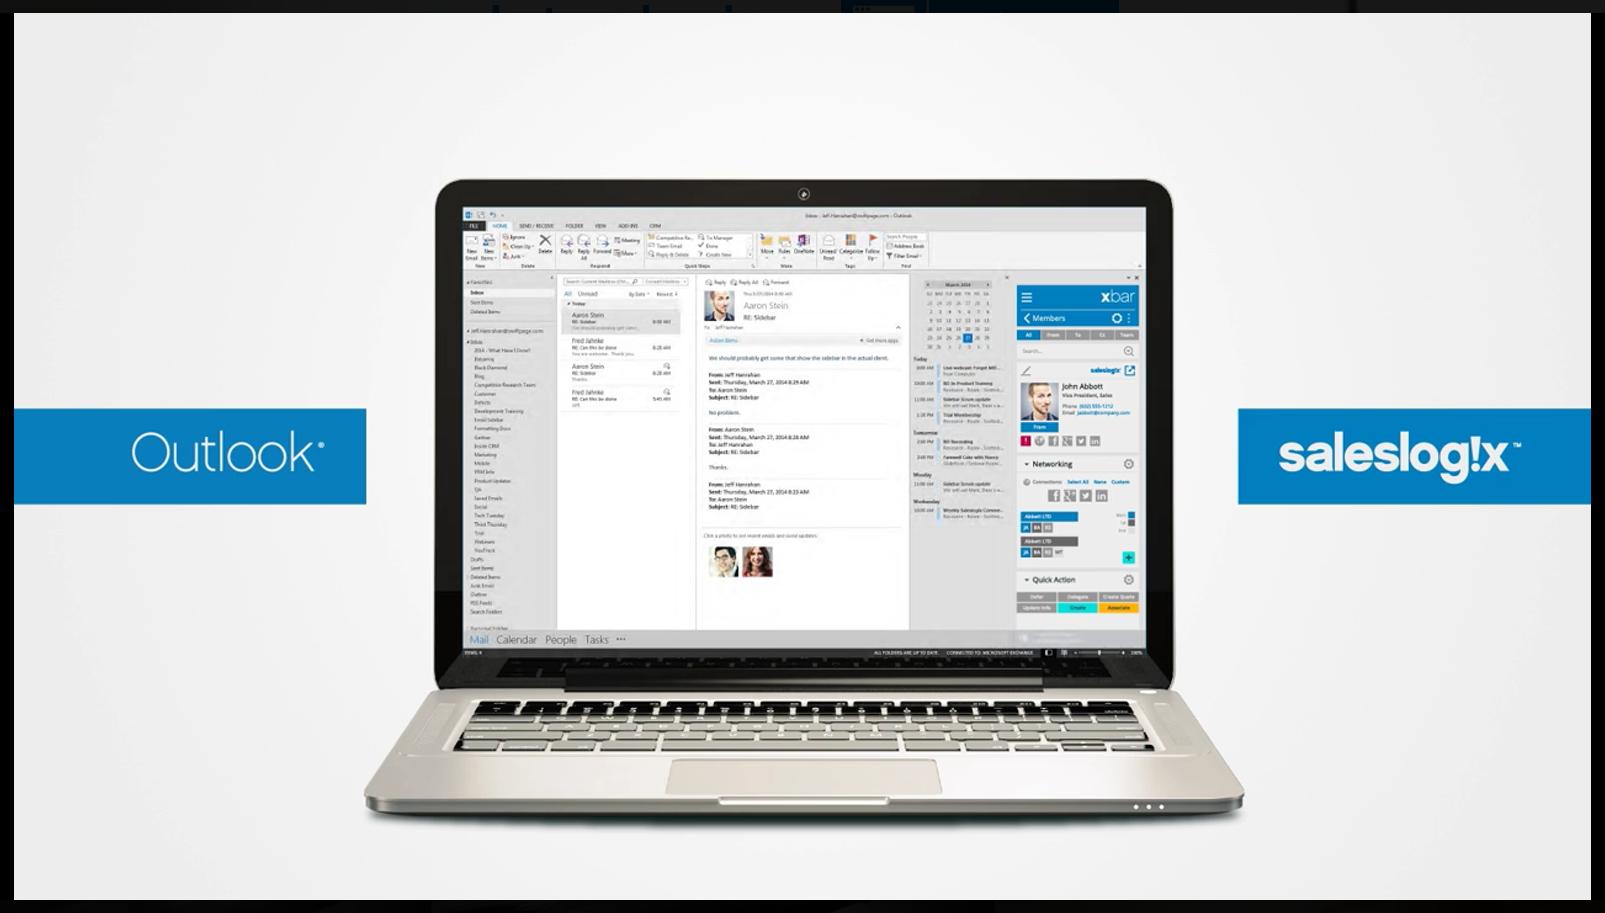 Sie arbeiten täglich mit Outlook und möchten nicht auf CRM Funktionalität verzichten?